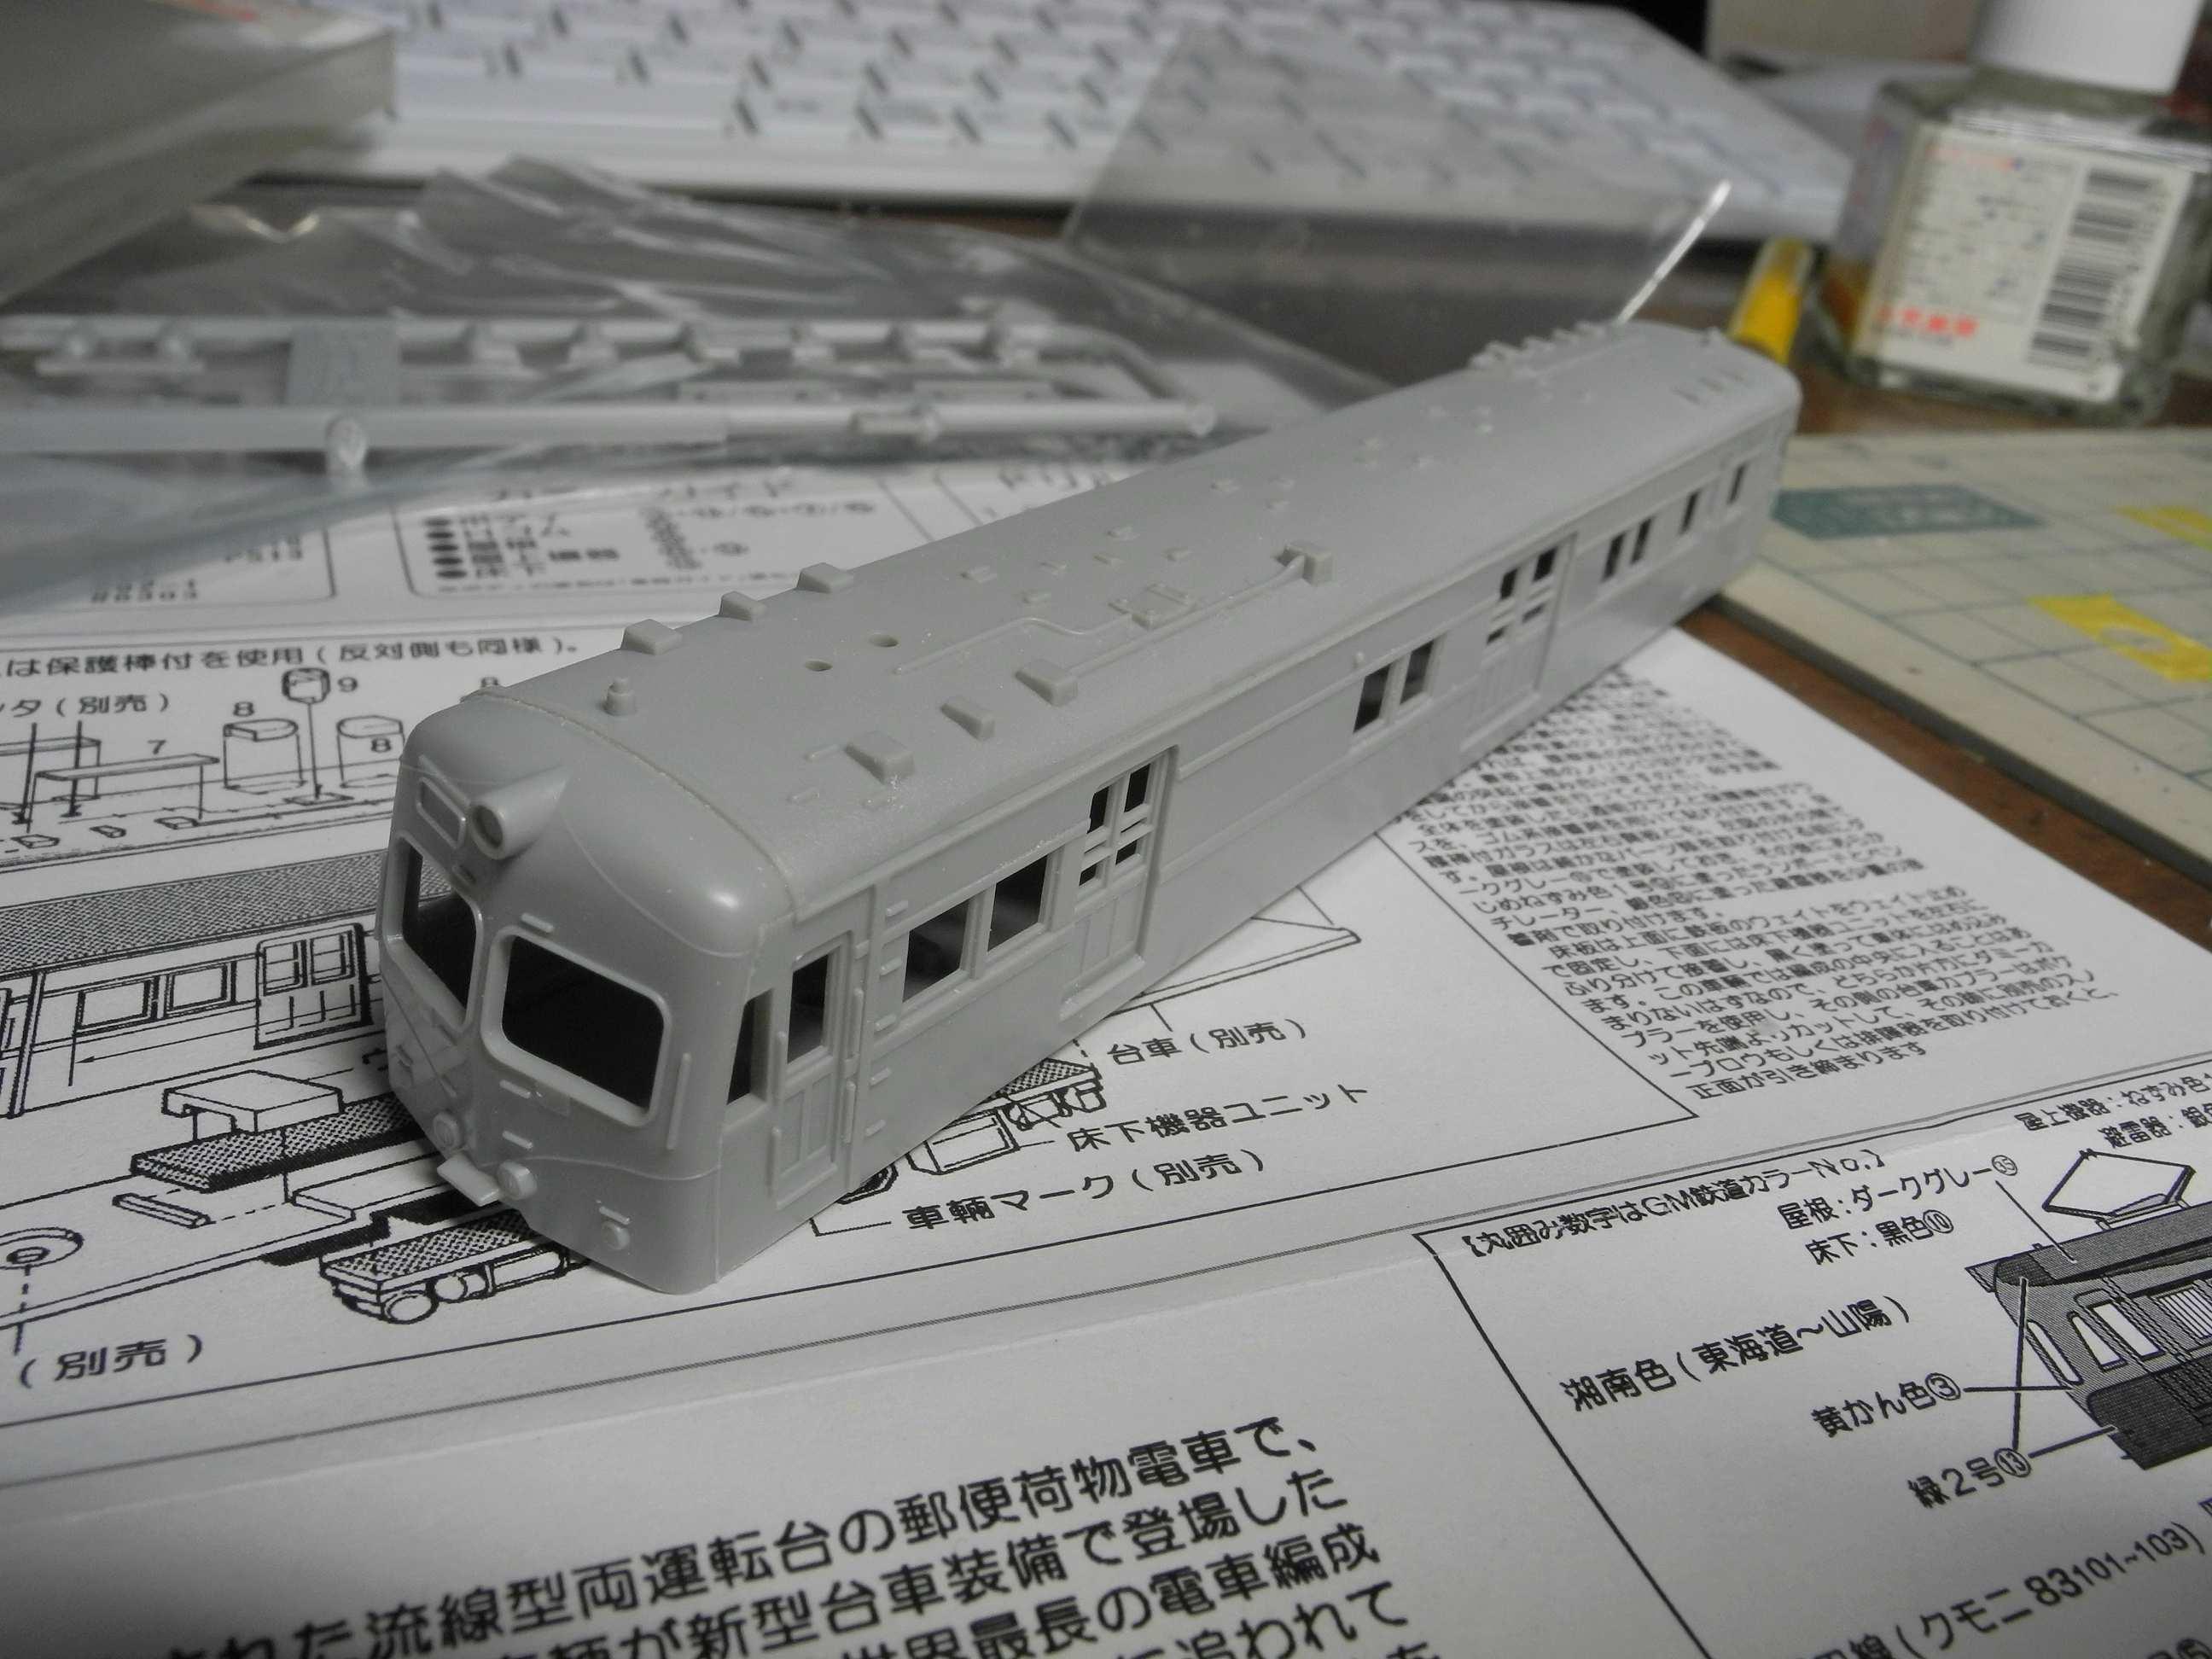 DSCN6389-1.jpg